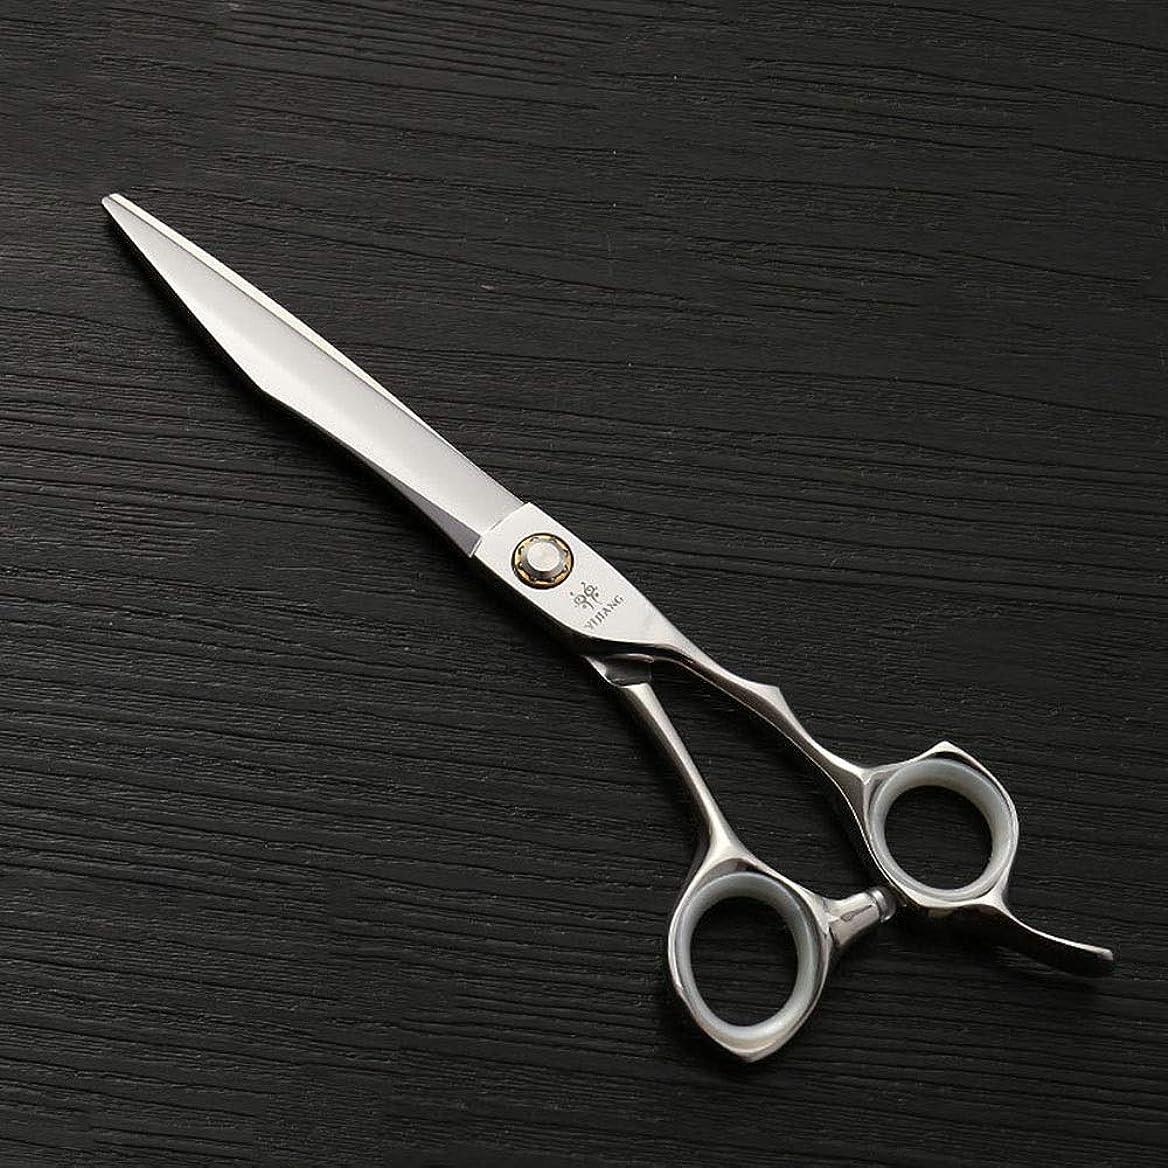 保持鳥感情理髪用はさみ 440C高品質スチールペットストレートカット7.0インチナイフアックスビッグカットフラットシアーヘアカットシザーステンレス理髪はさみ (色 : Silver)